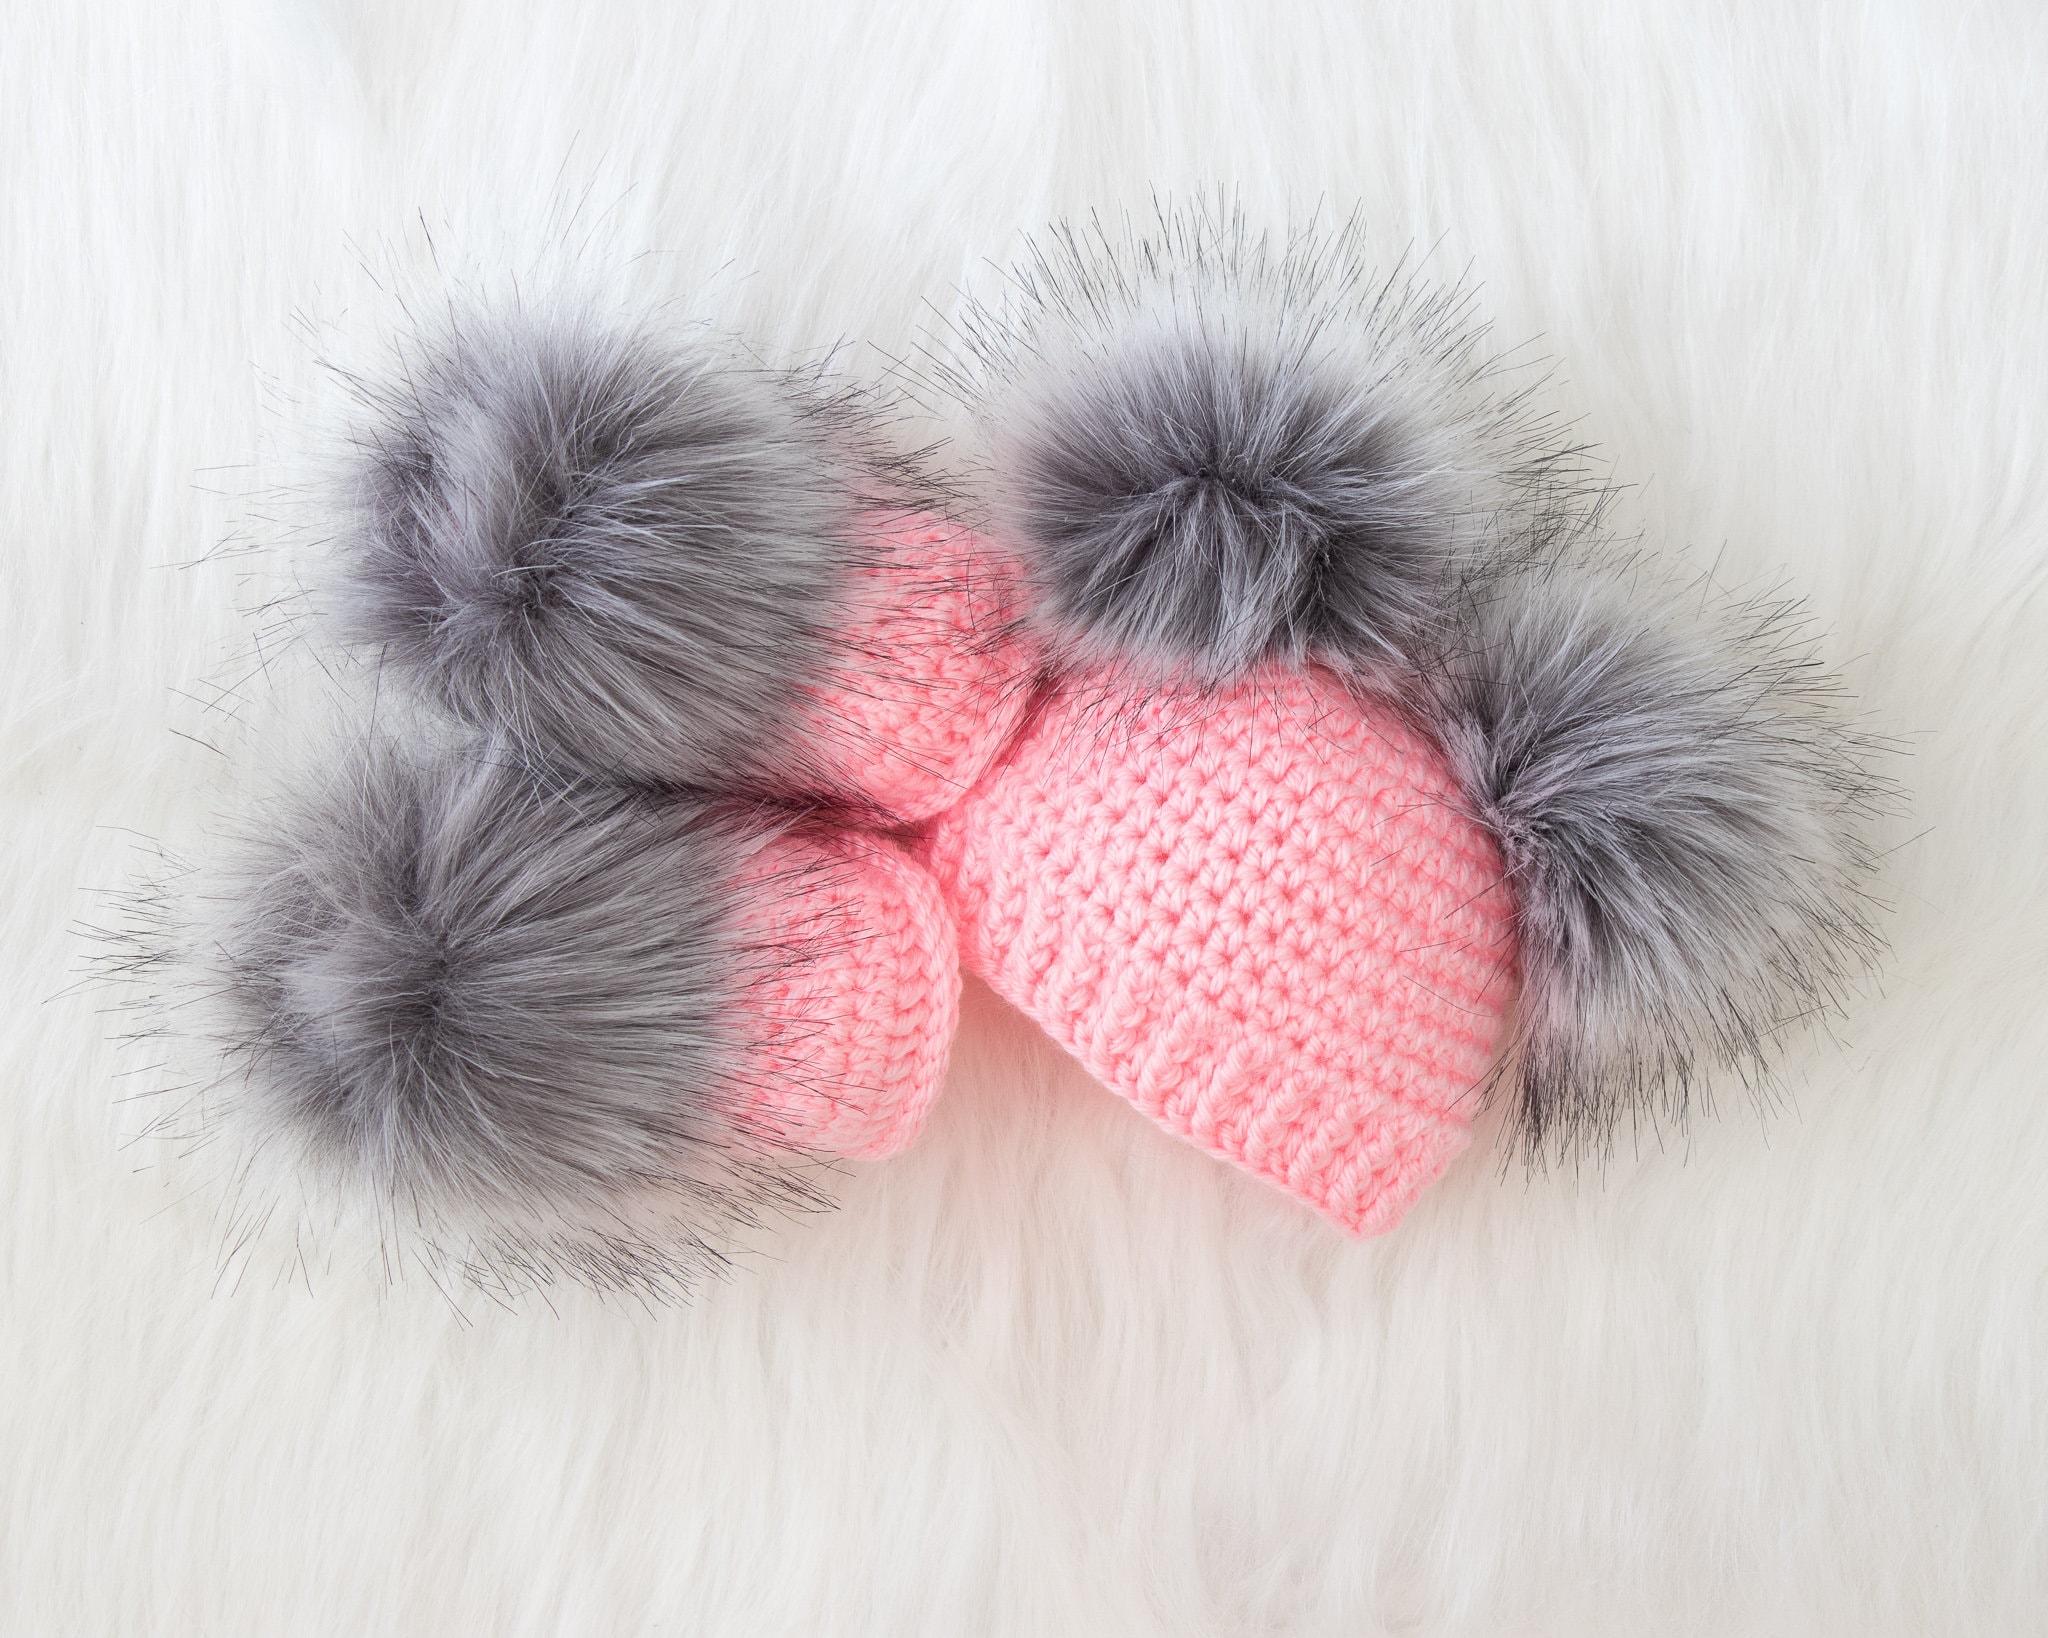 100/% handmade woolen baby booties and cap